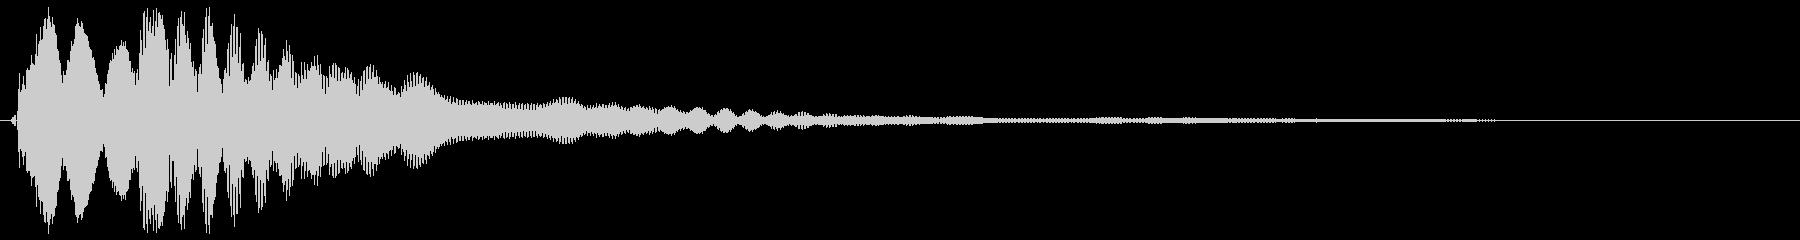 キラーン(コイン、ウィンク音など)の未再生の波形